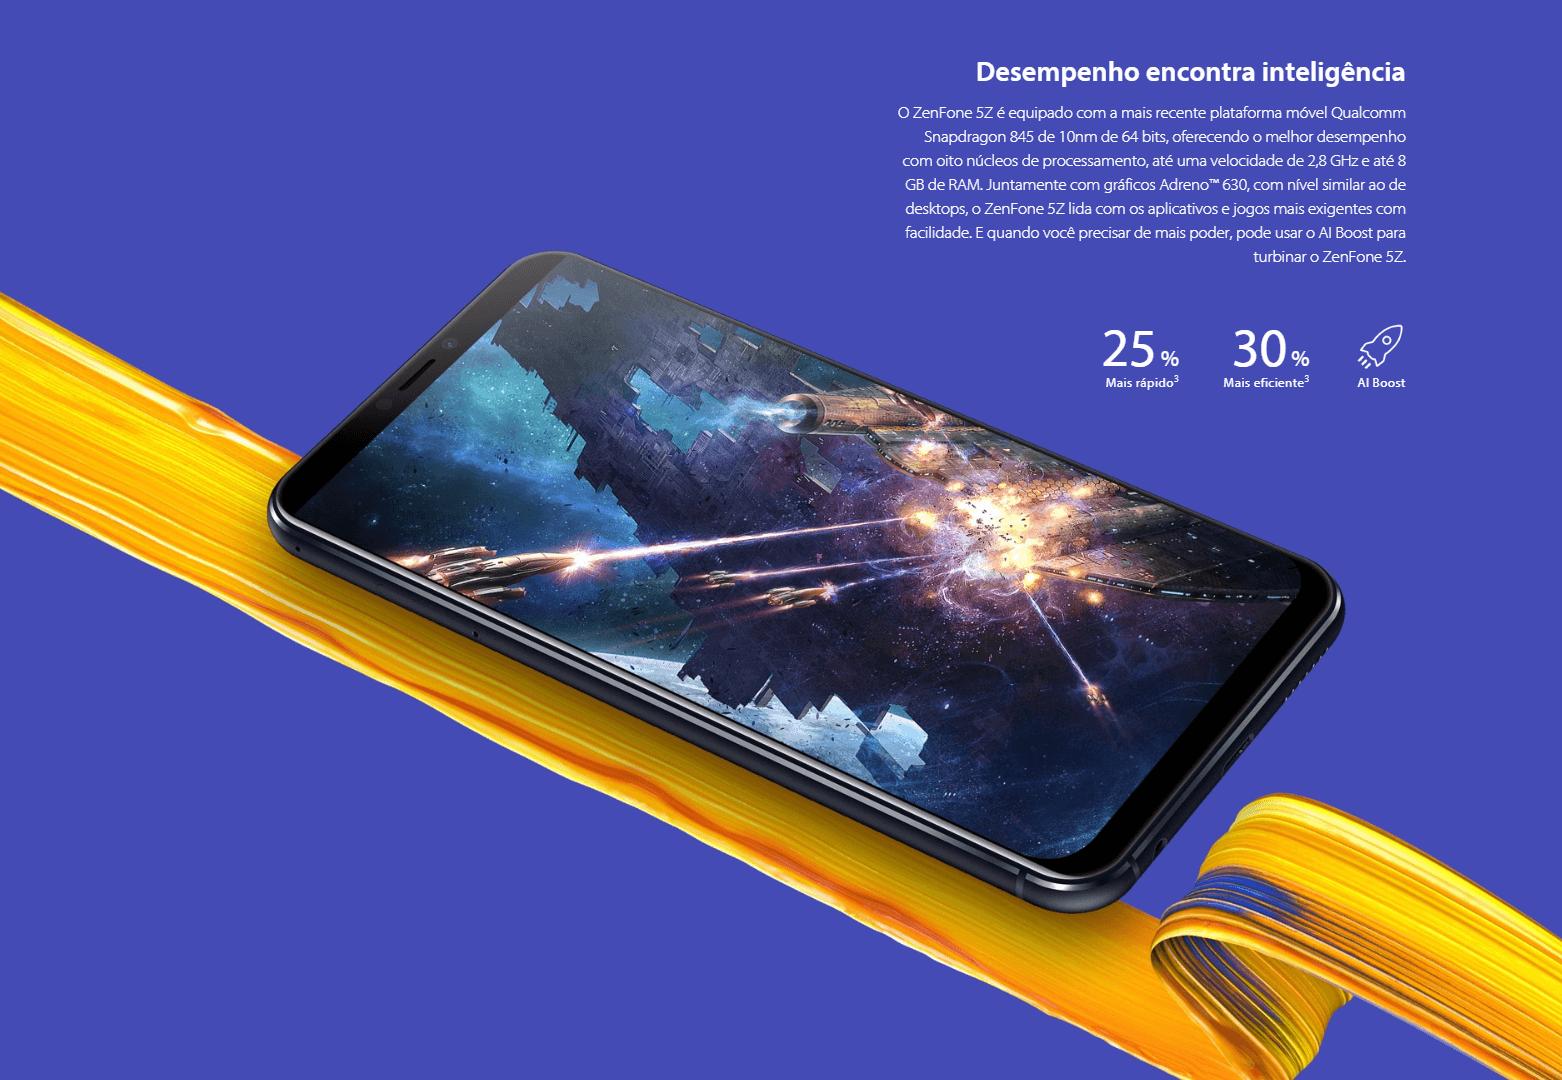 Zenfone 5Z, Desempenho